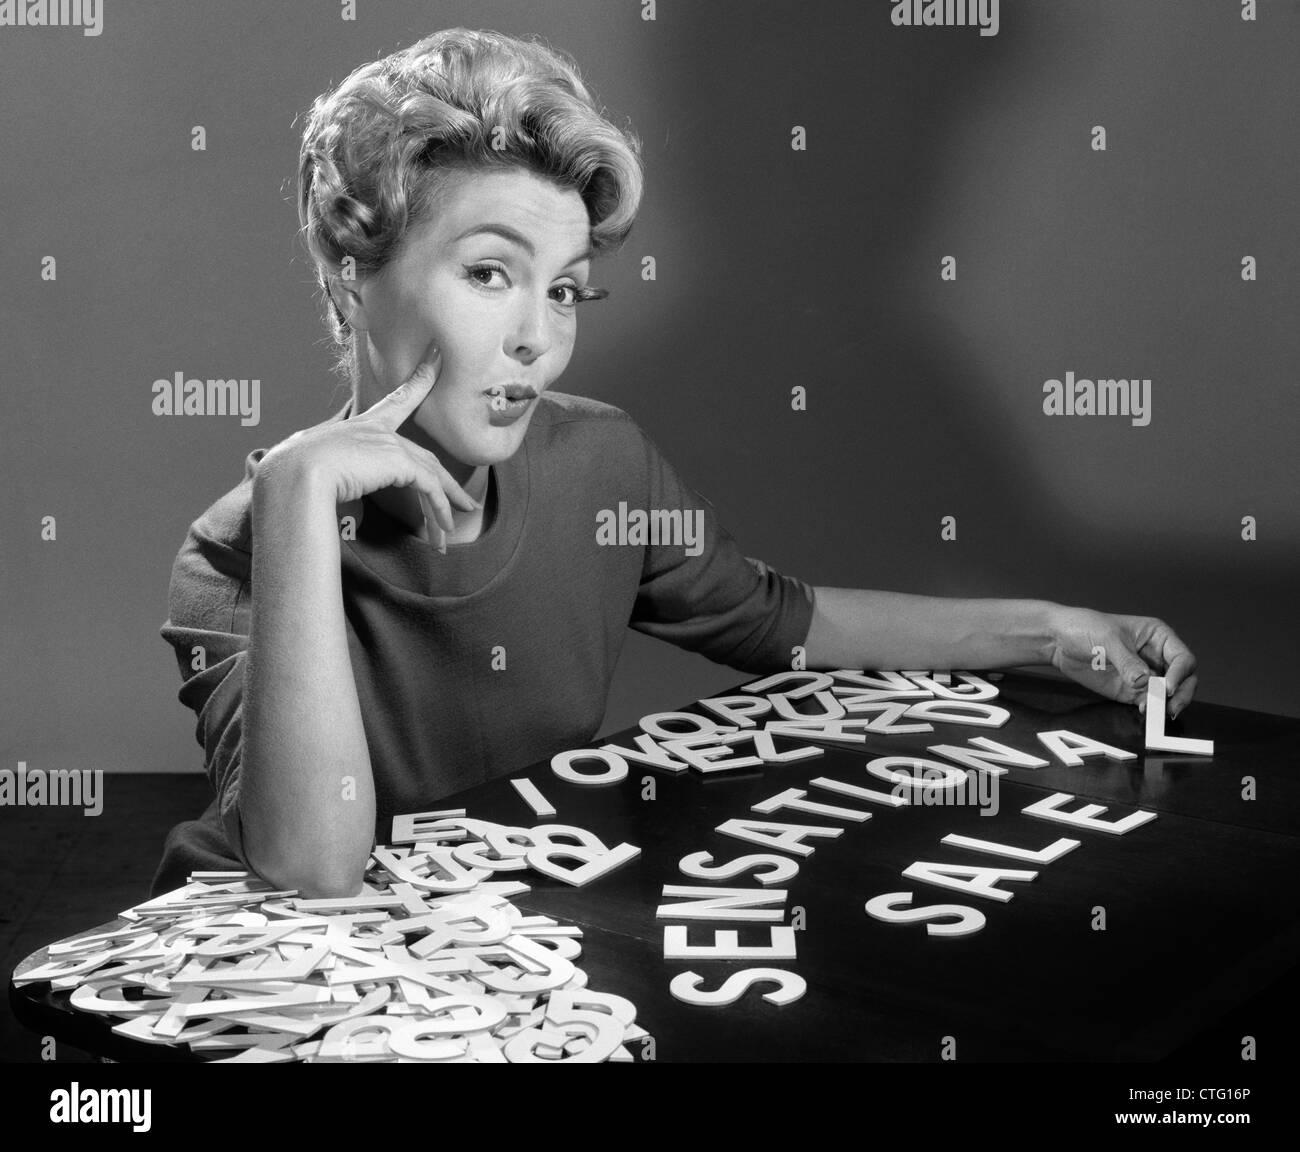 1950S 1960S PORTRAIT BLONDE FRAU BLICK IN DIE KAMERA, DIE RECHTSCHREIBUNG AUS SENSATIONELLEN VERKAUF MIT AUSSCHNITT Stockbild